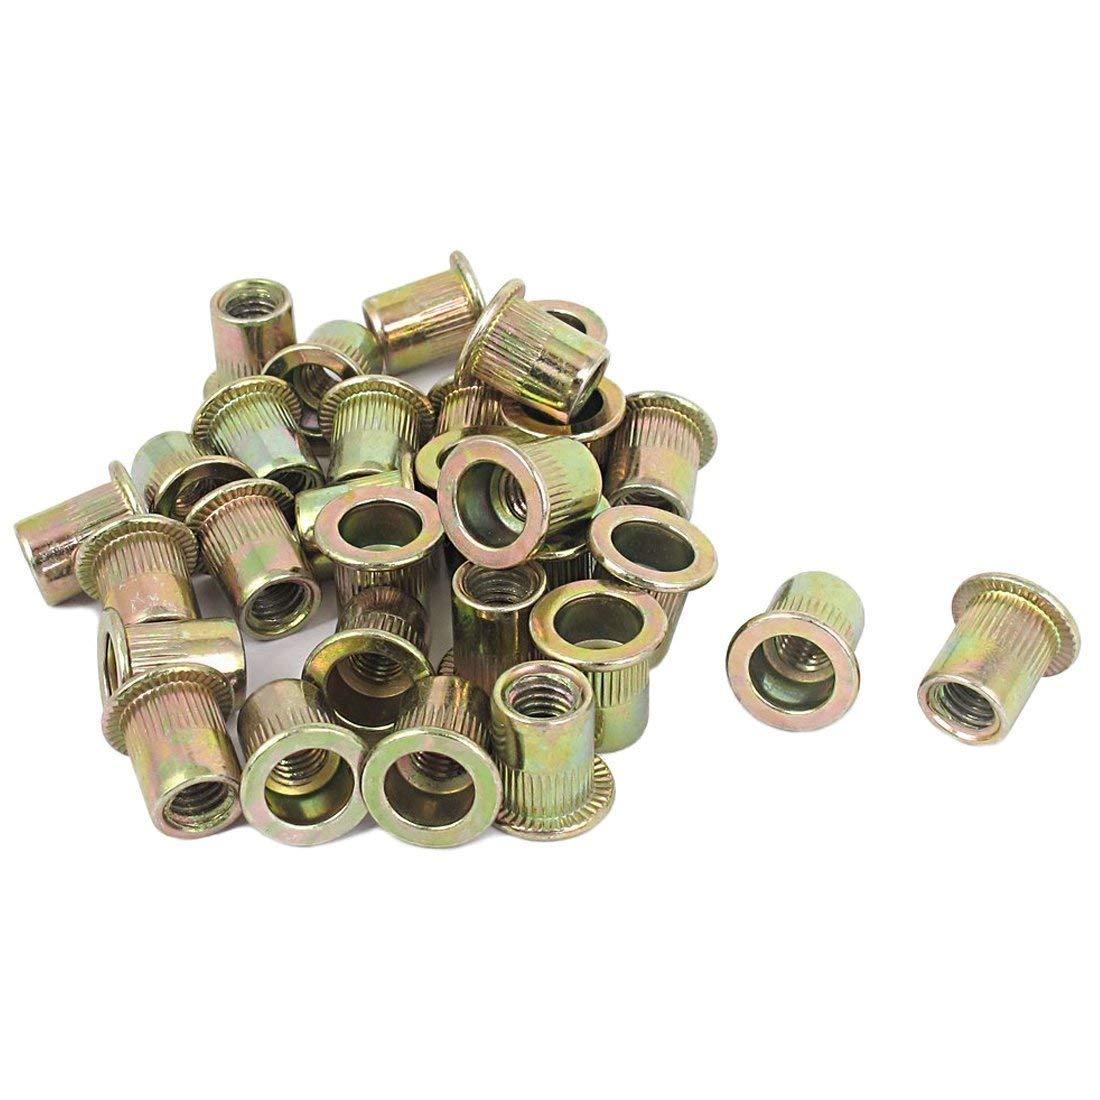 TOOGOO(R) M6x12mm Flat Head Rivet Nut Rivnut Insert Nutserts Fasteners 30 Pcs